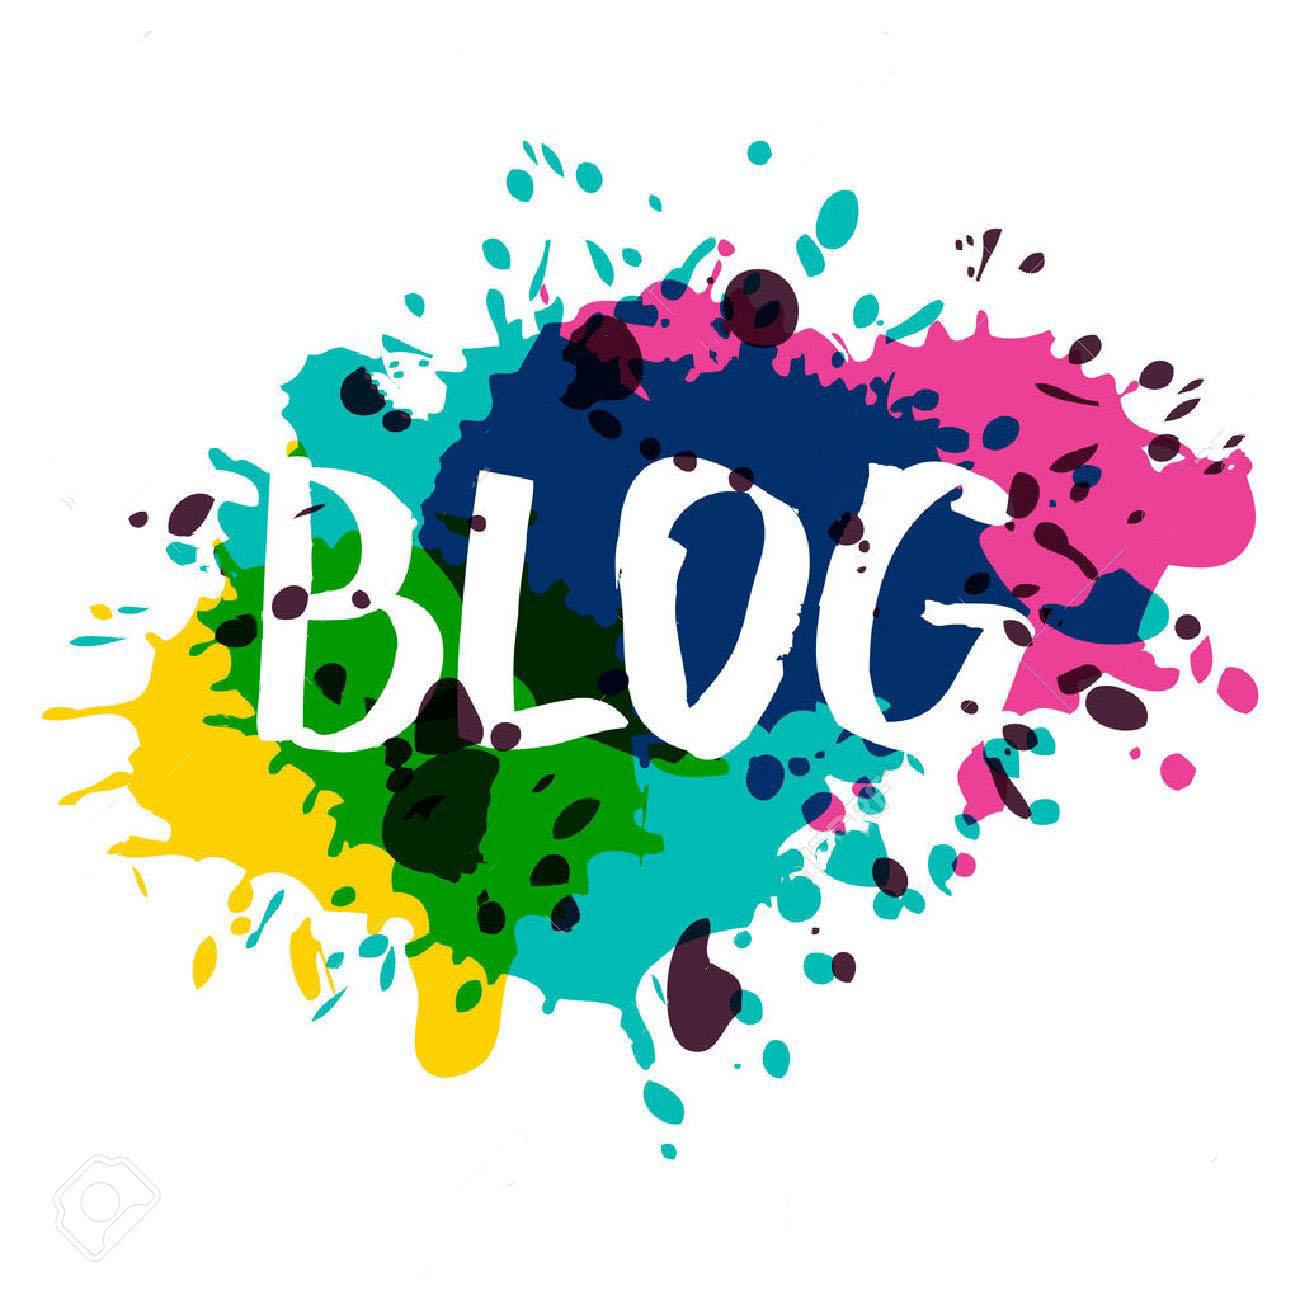 وبلاگ های پیشنهادی هفته 4